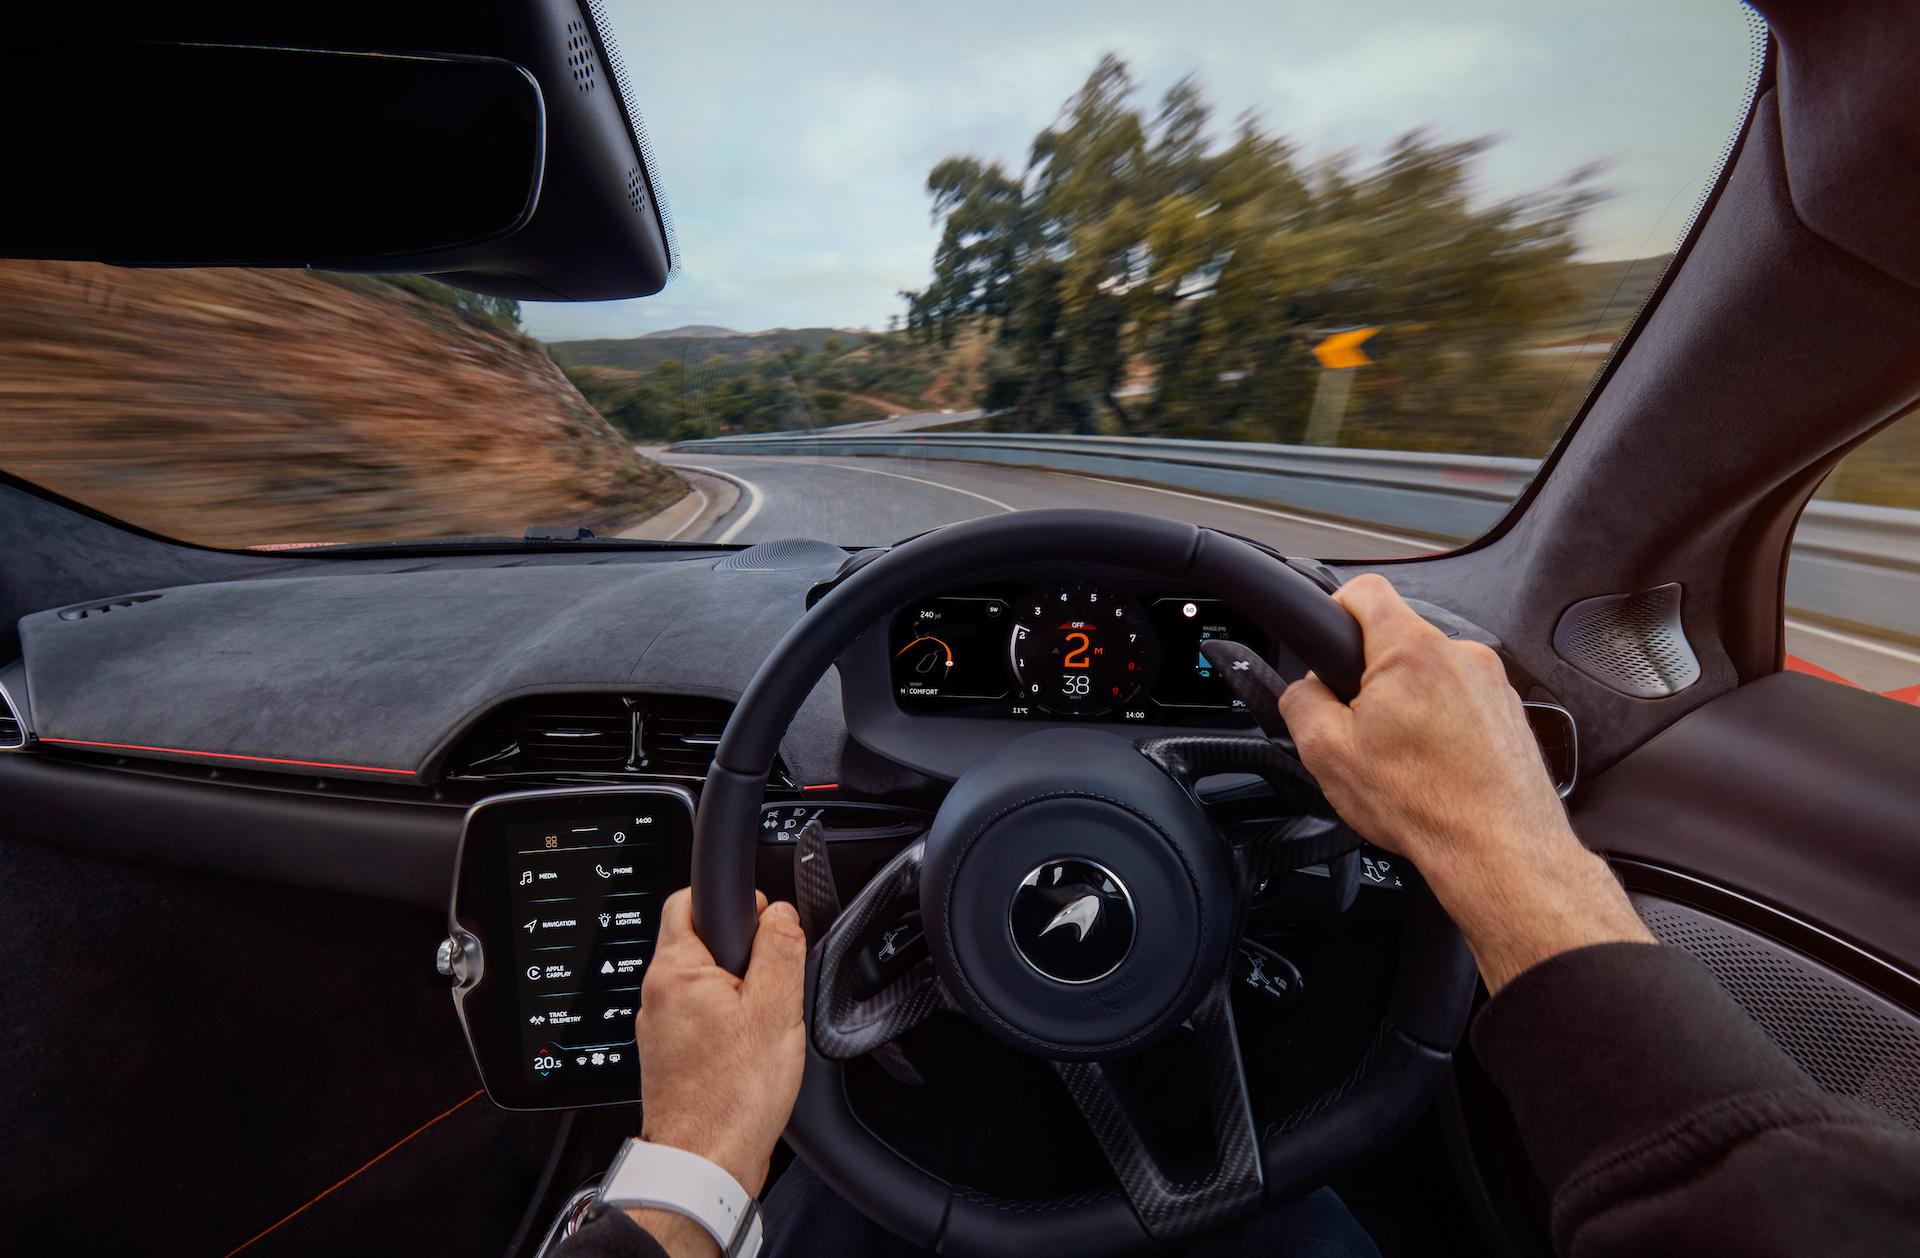 All-New McLaren Artura High-Performance Hybrid Powertrain Sets New Supercar Standards; Amplifies McLaren Driving Experience